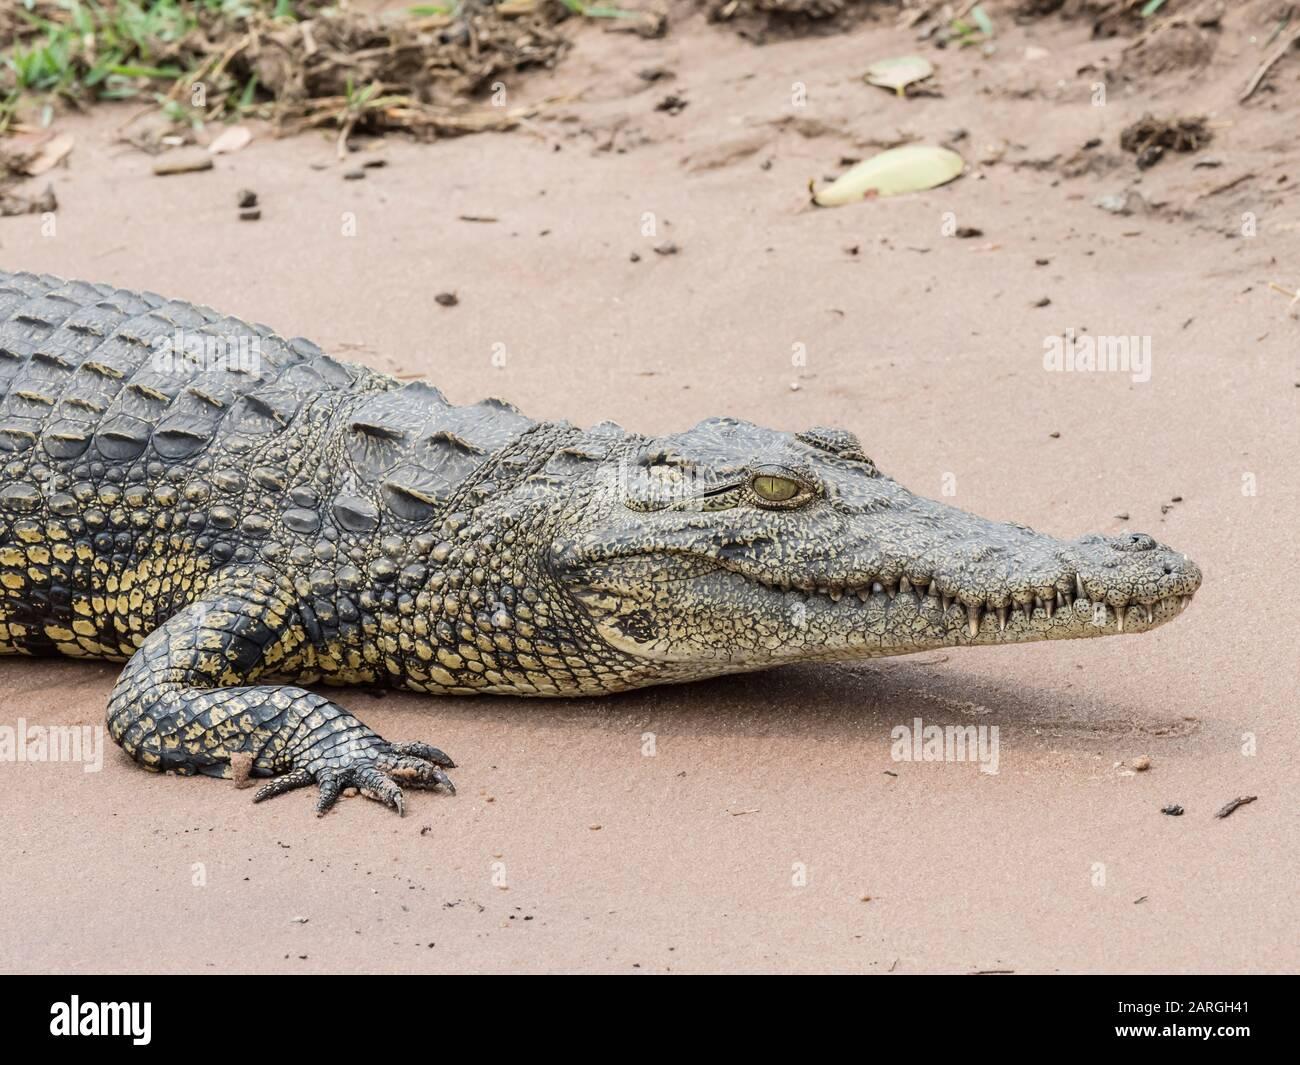 Un crocodile du Nil adulte (Crocodylus niloticus) dans le parc national de Chobe, au Botswana, en Afrique Banque D'Images